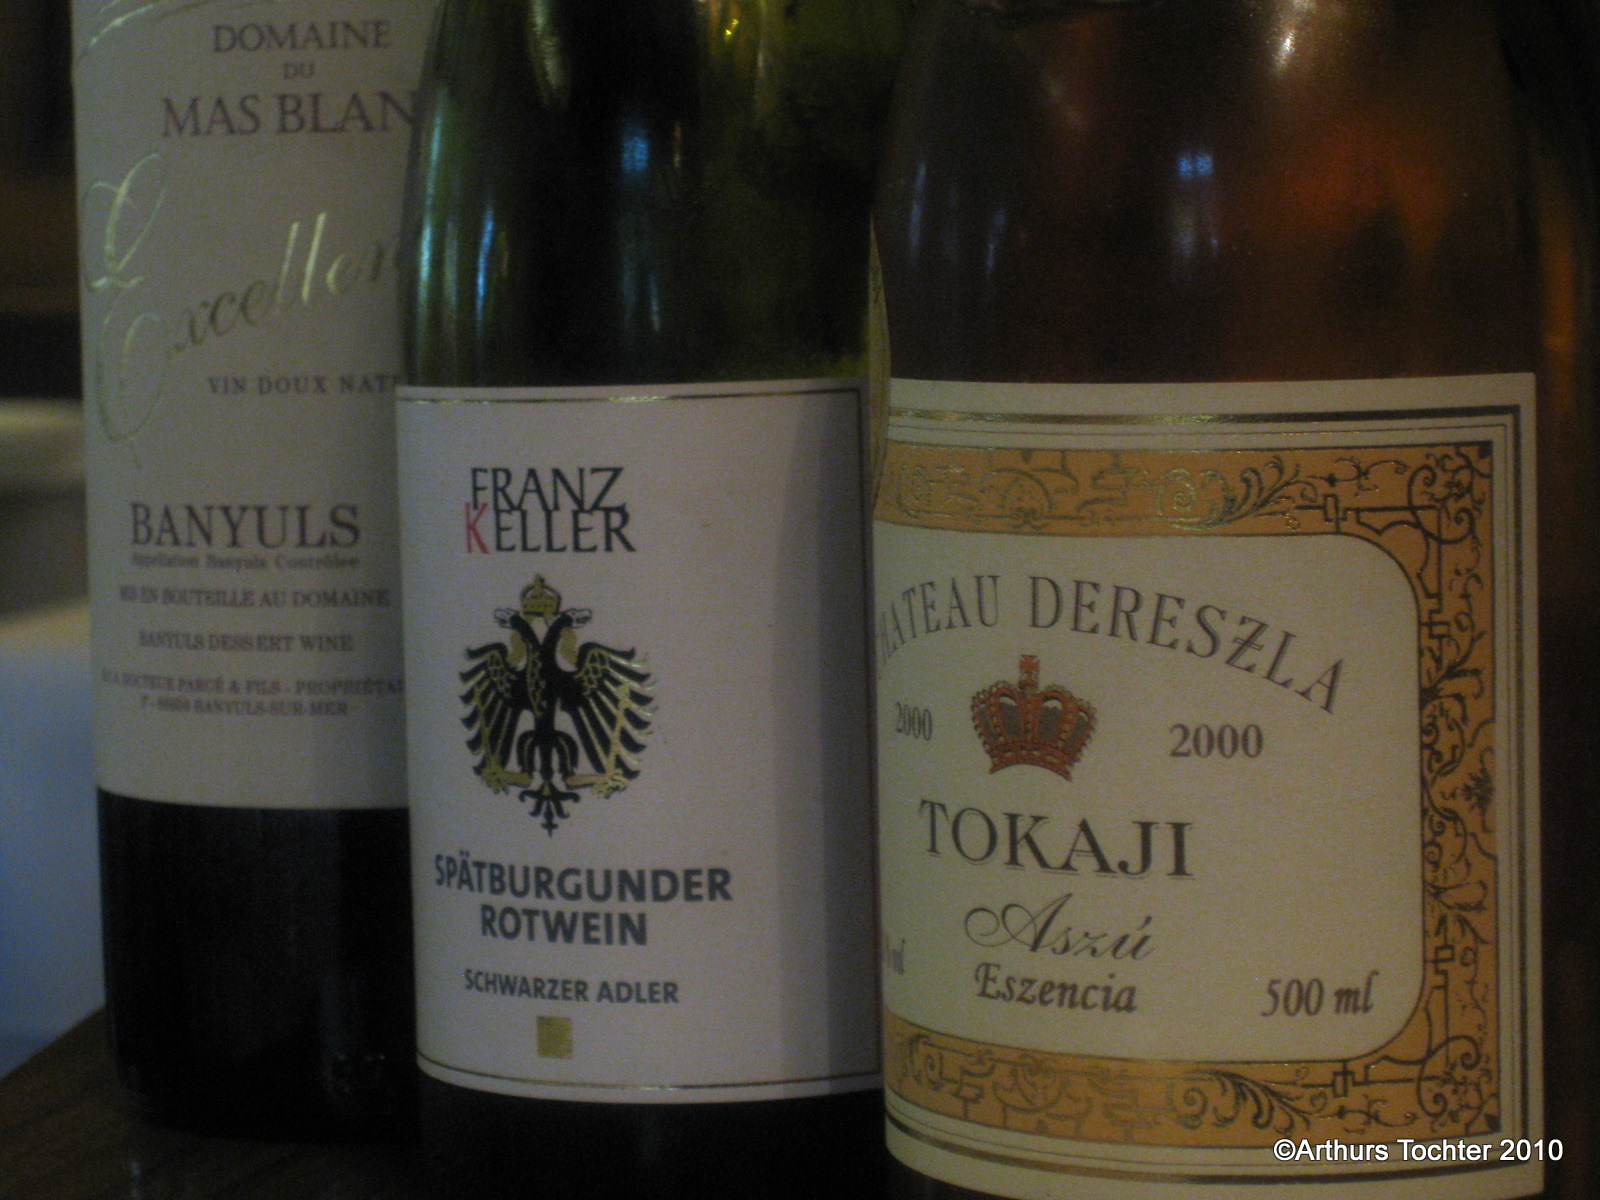 Die Dessertweine im Menü im Schwarzen Adler | Arthurs Tochter kocht. von Astrid Paul. Der Blog für food, wine, travel & love